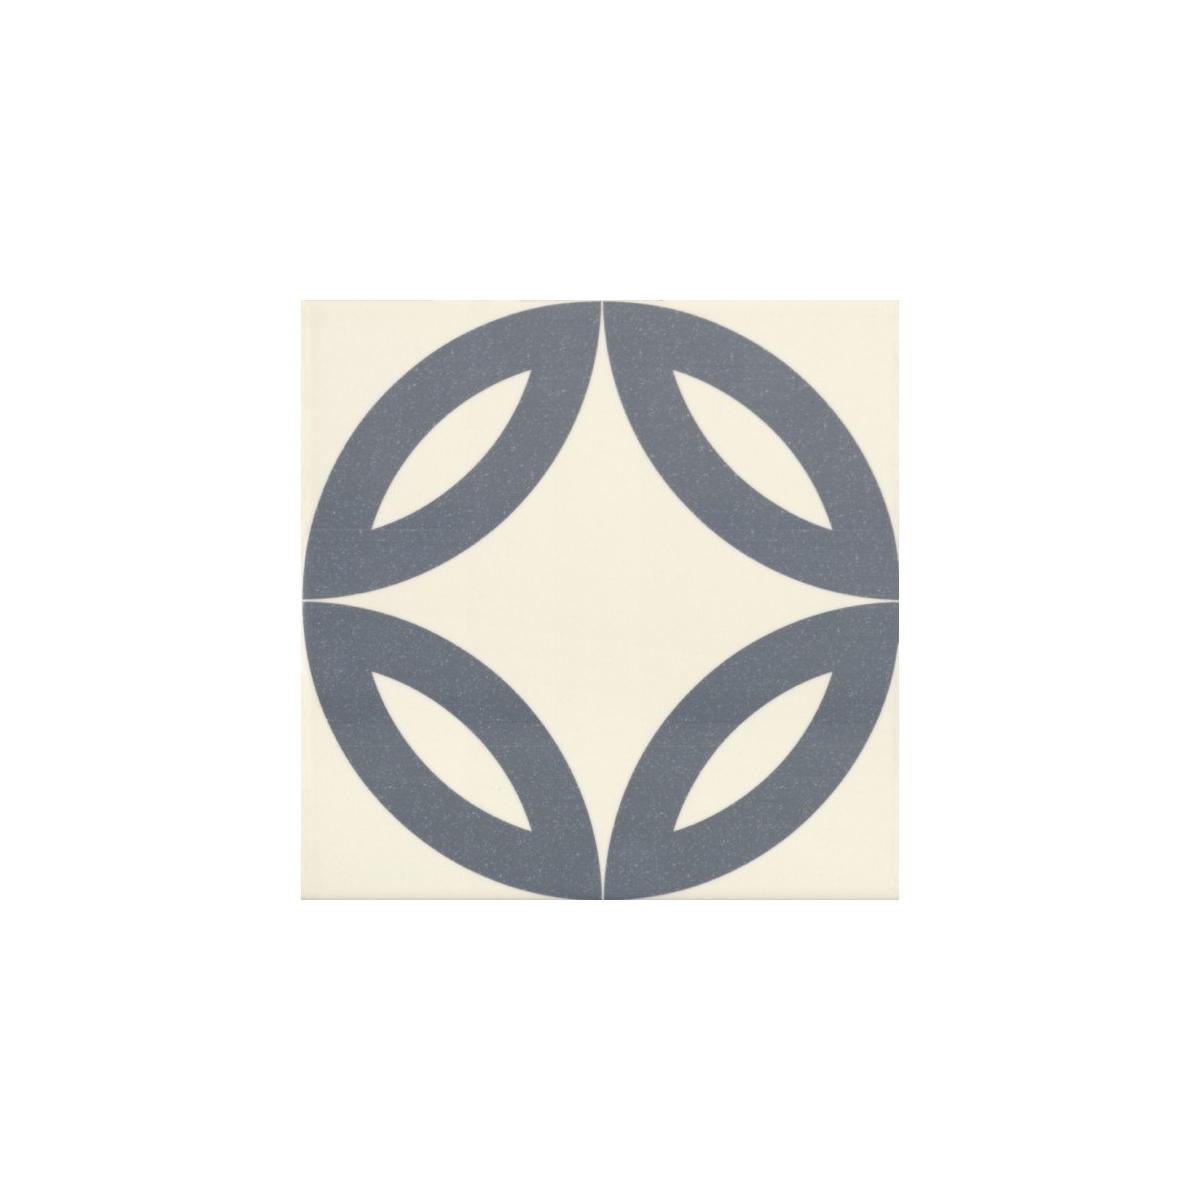 Centro Victorian Oxford 20x20 (m2) - Centros para combinar